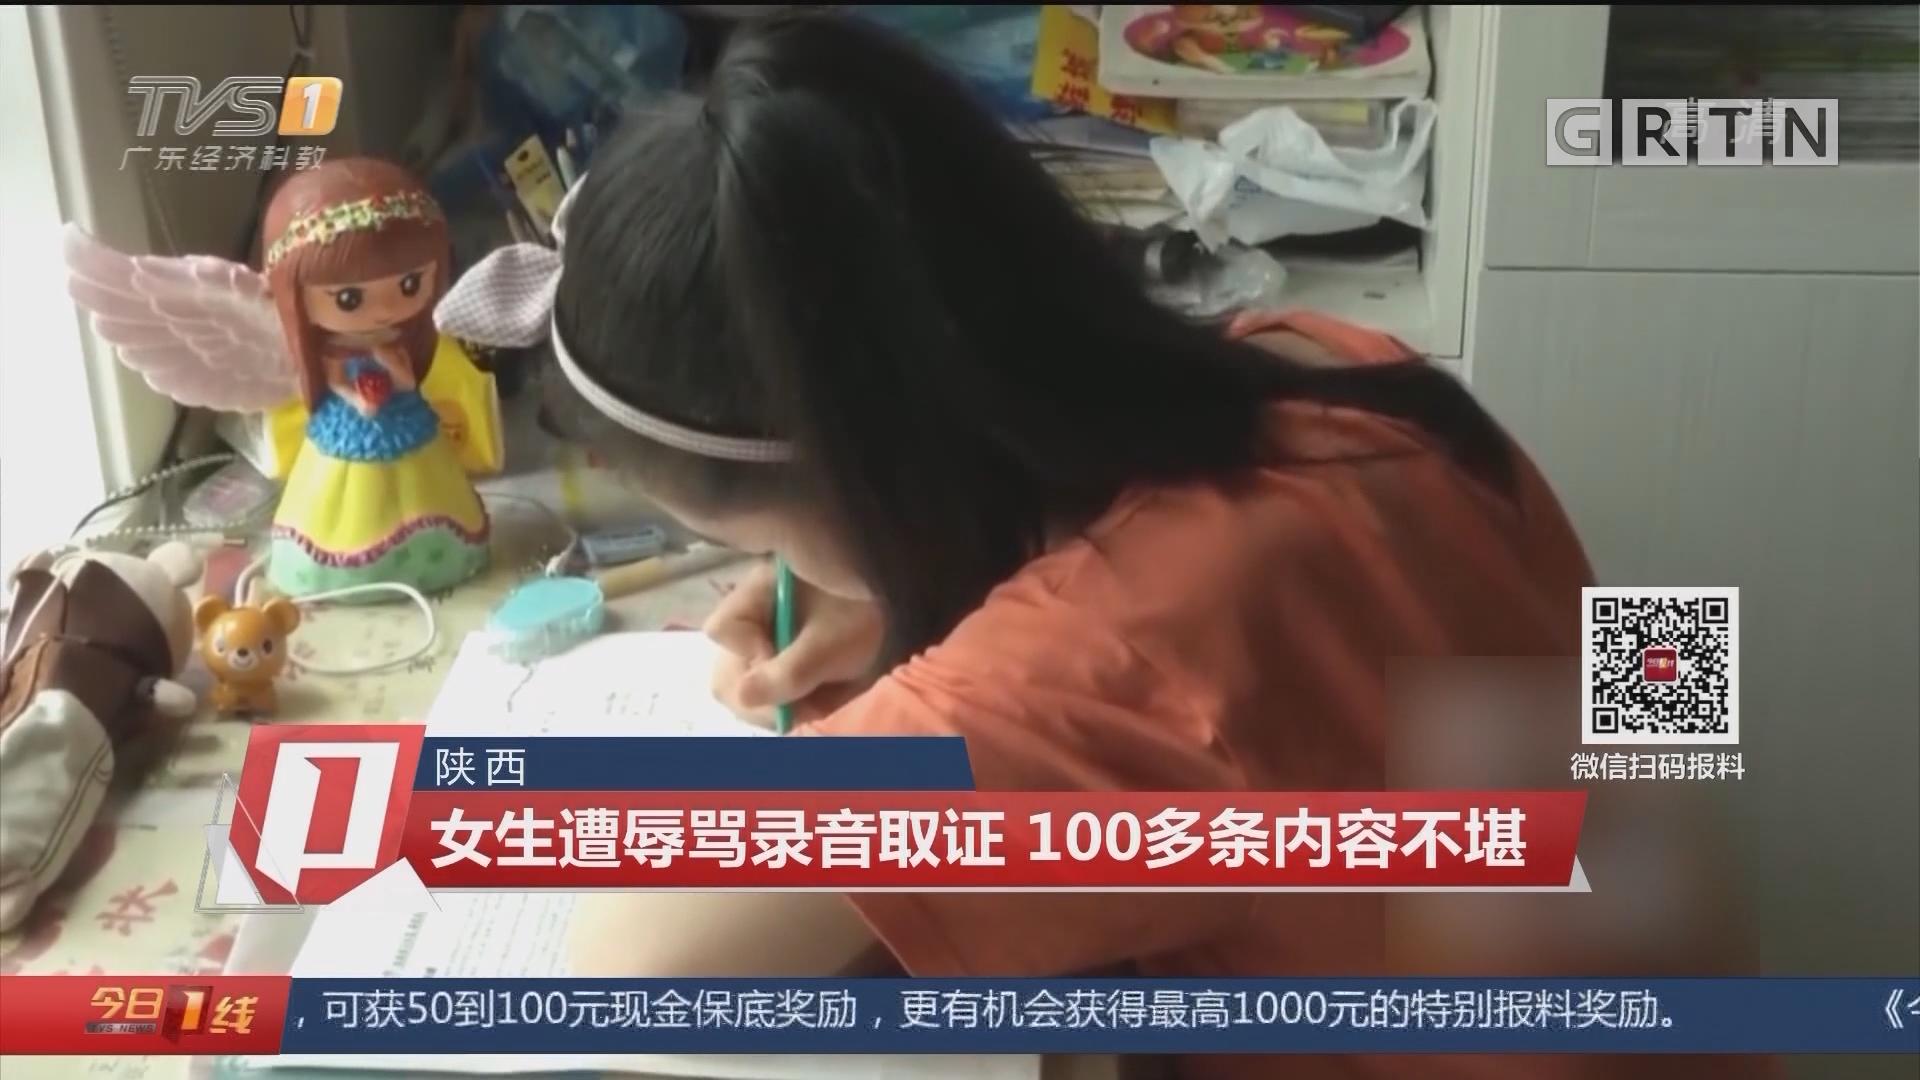 陕西:女生遭辱骂录音取证 100多条内容不堪